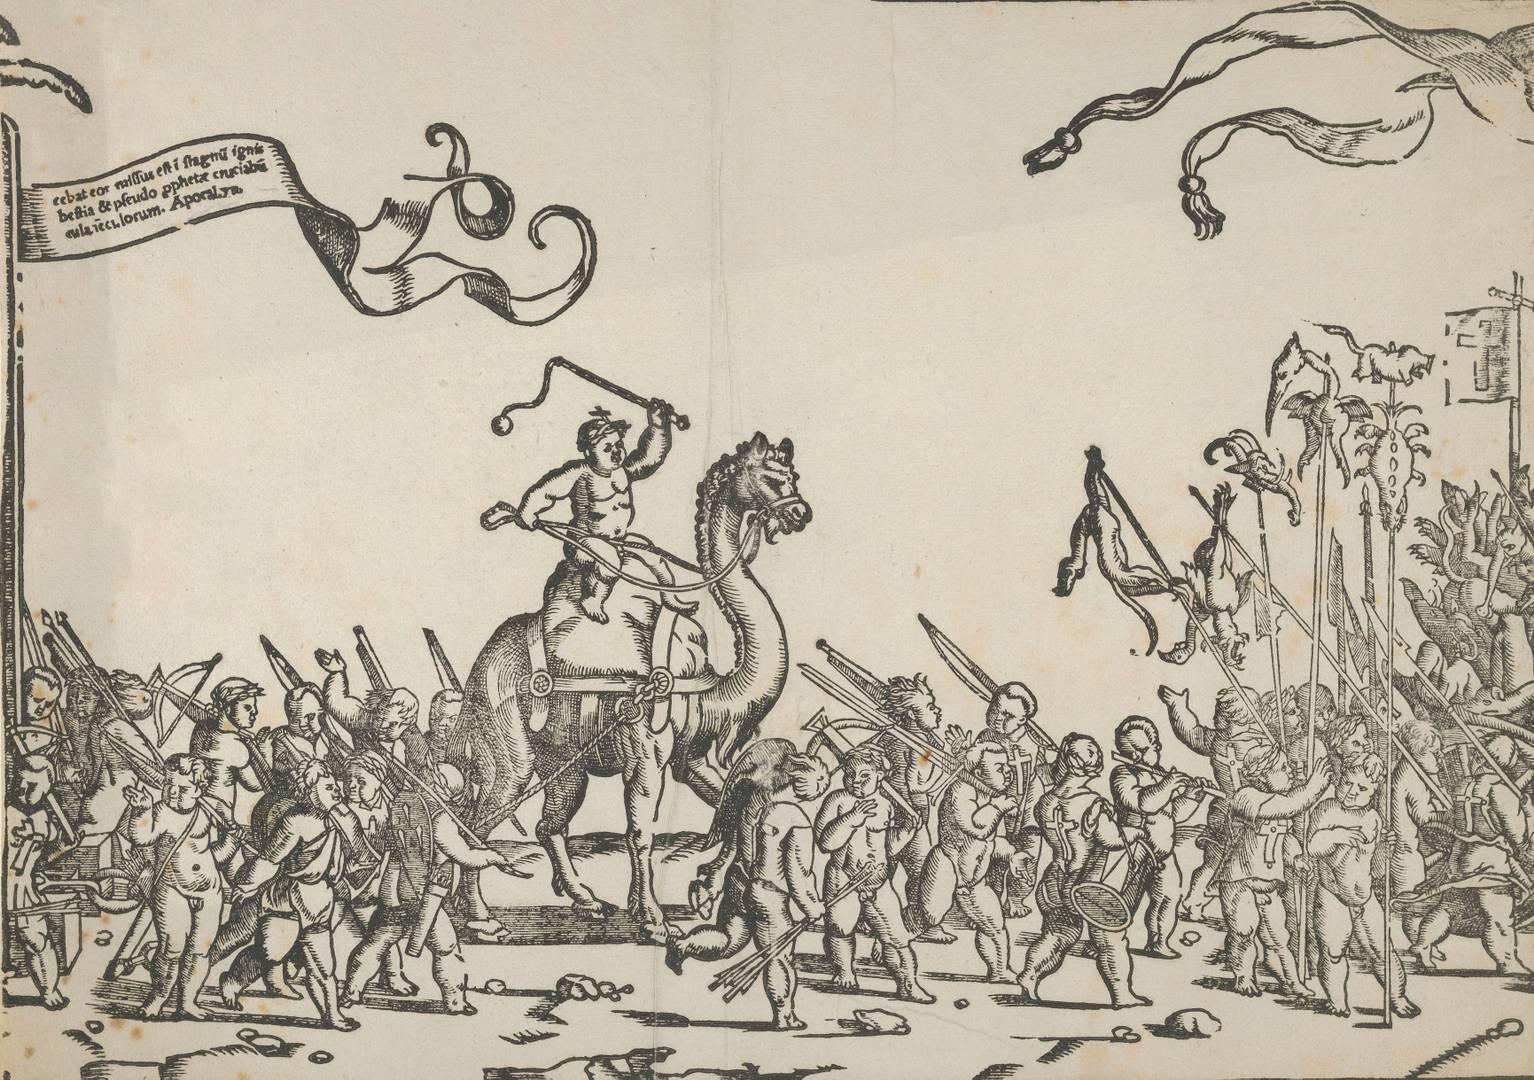 Монограммист LIW. Крестовый поход детей. Ок. 1550–1580 гг.